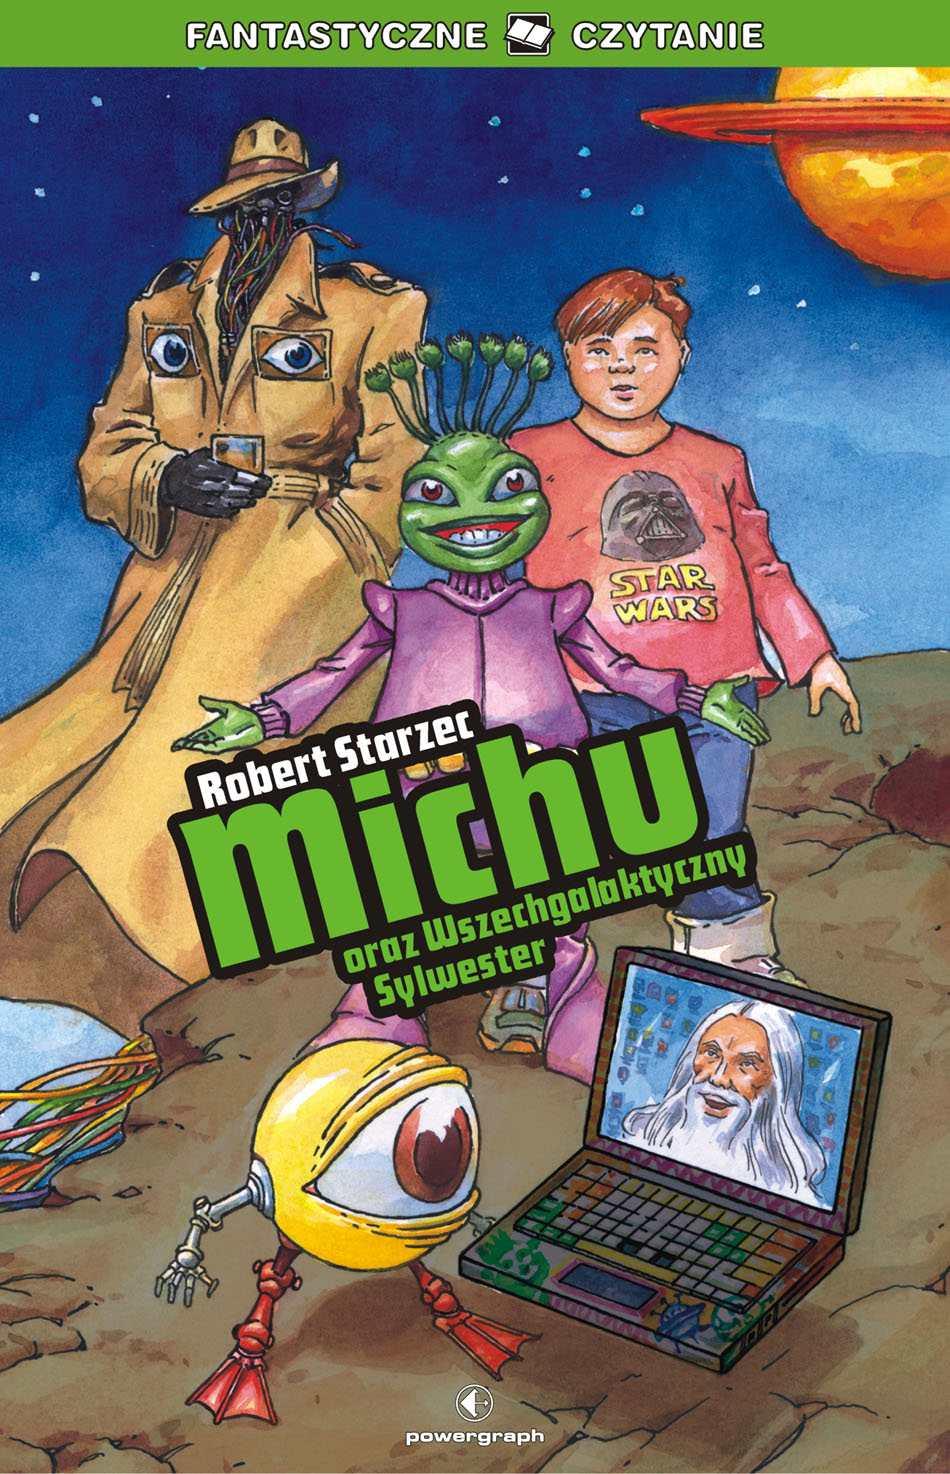 Michu oraz Wszechgalaktyczny Sylwester - Ebook (Książka EPUB) do pobrania w formacie EPUB